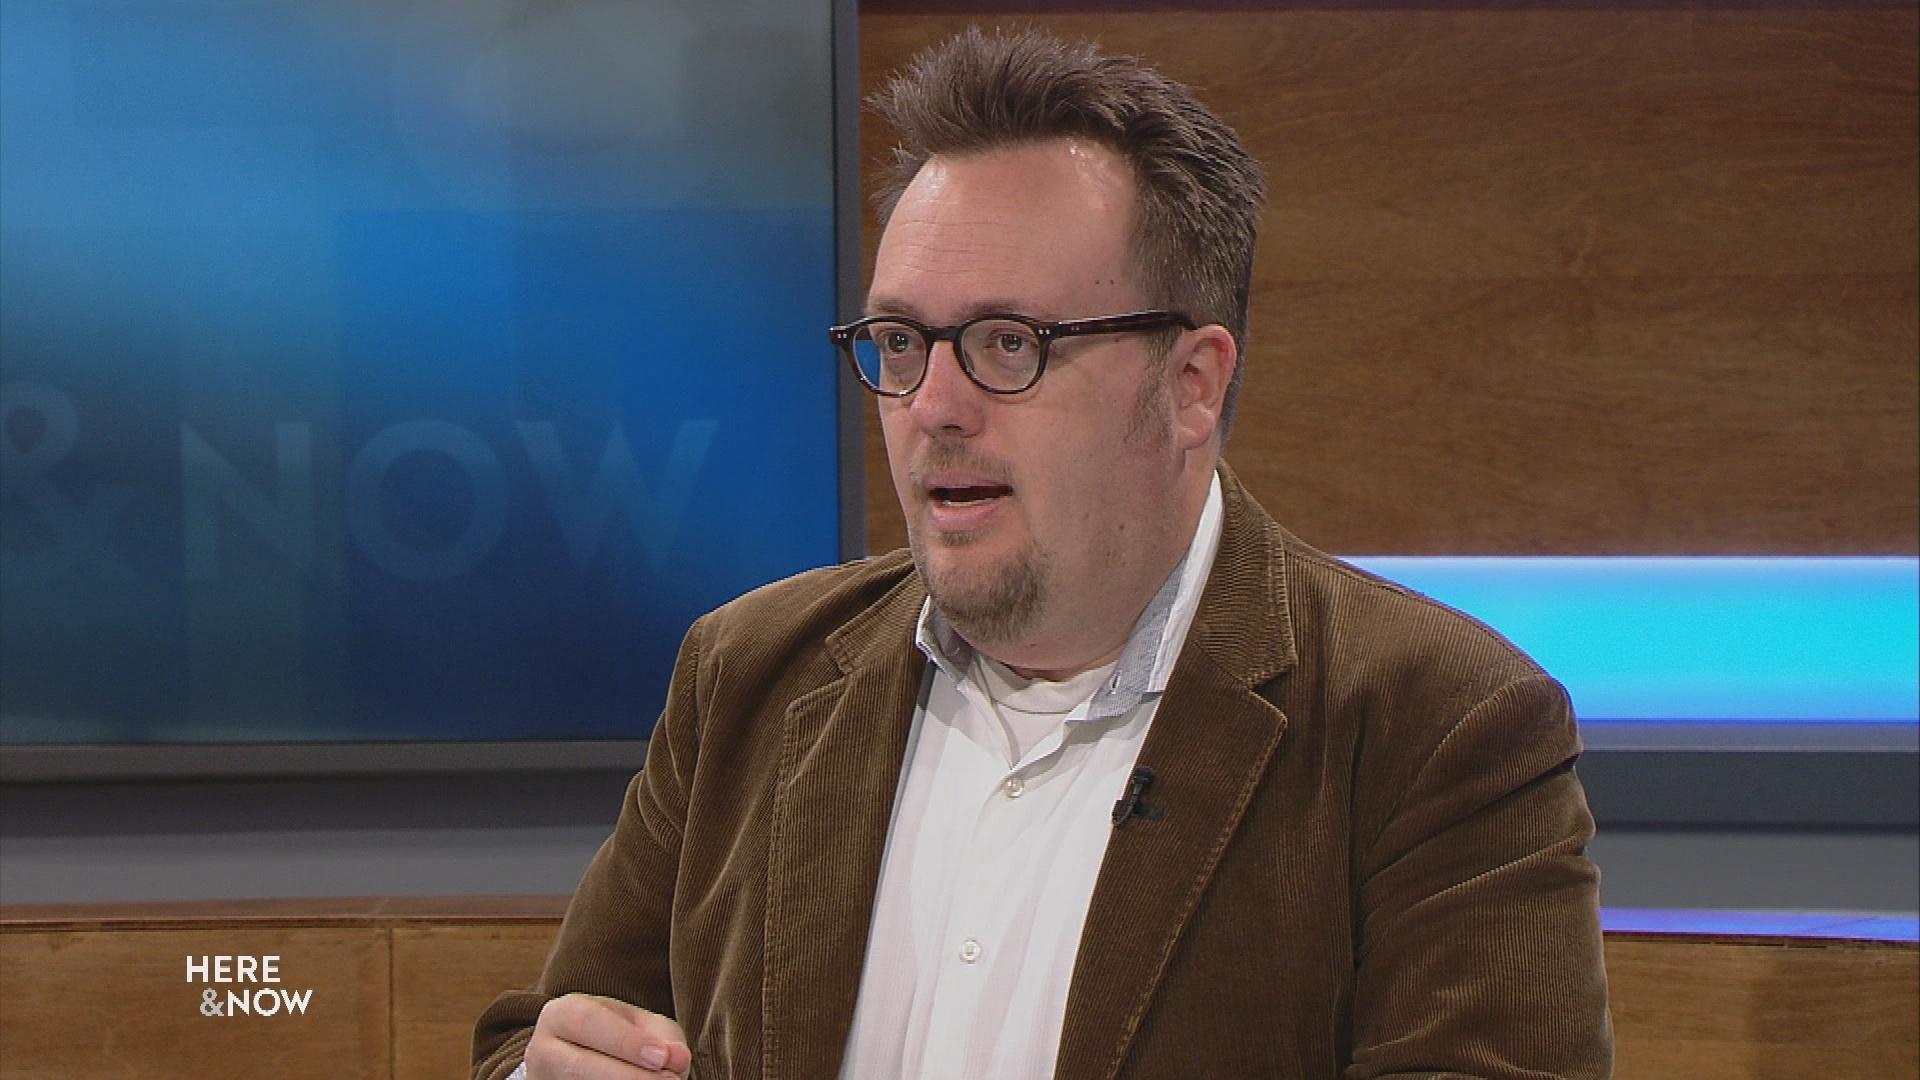 UW Professor Discusses Historic Impeachment